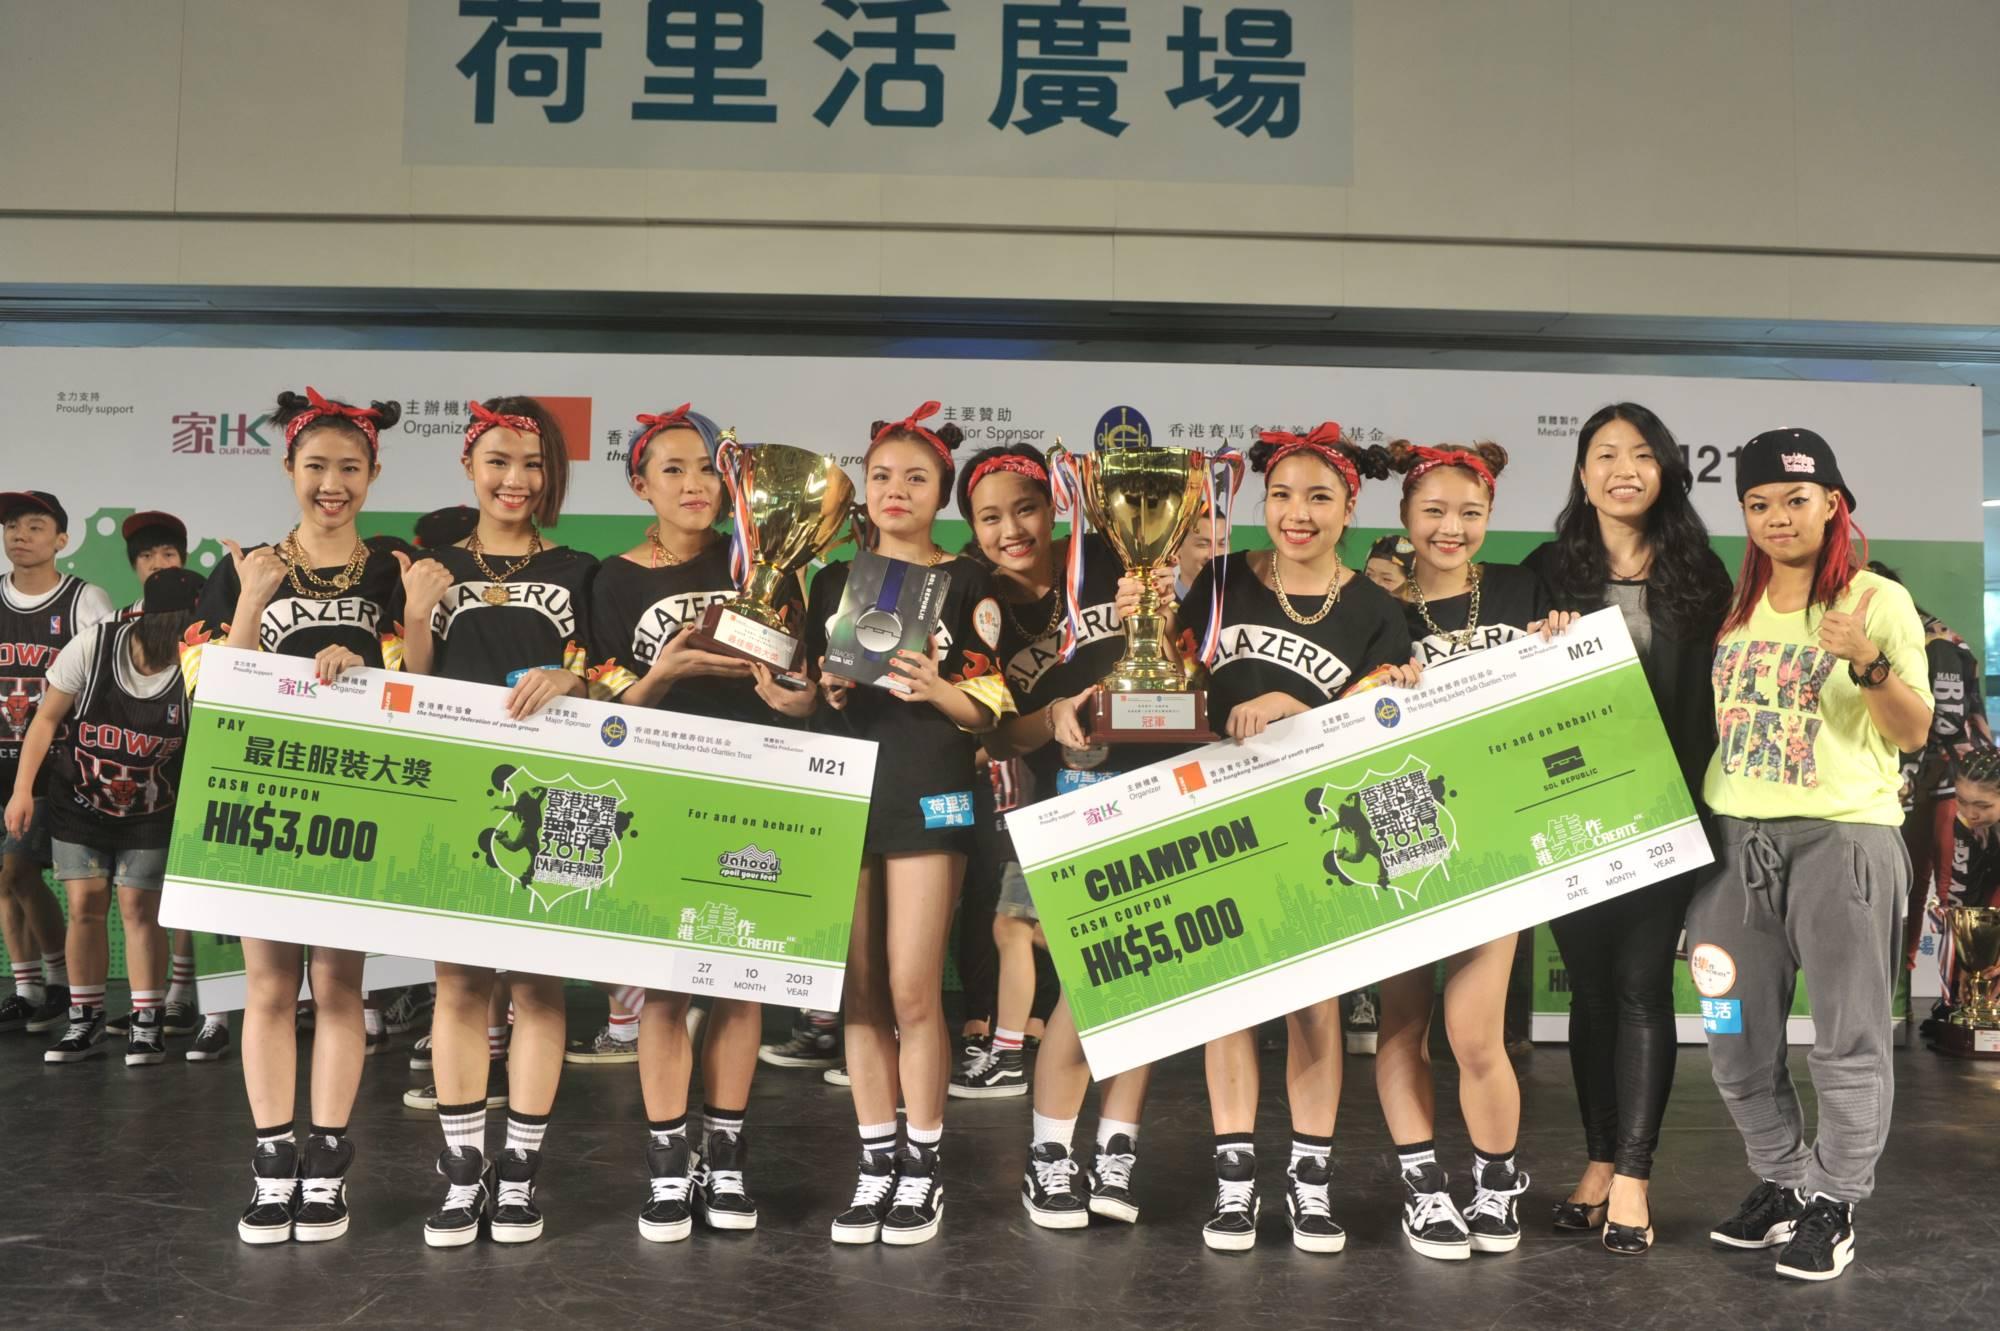 全港中學生舞蹈賽2013得獎隊伍 (4)